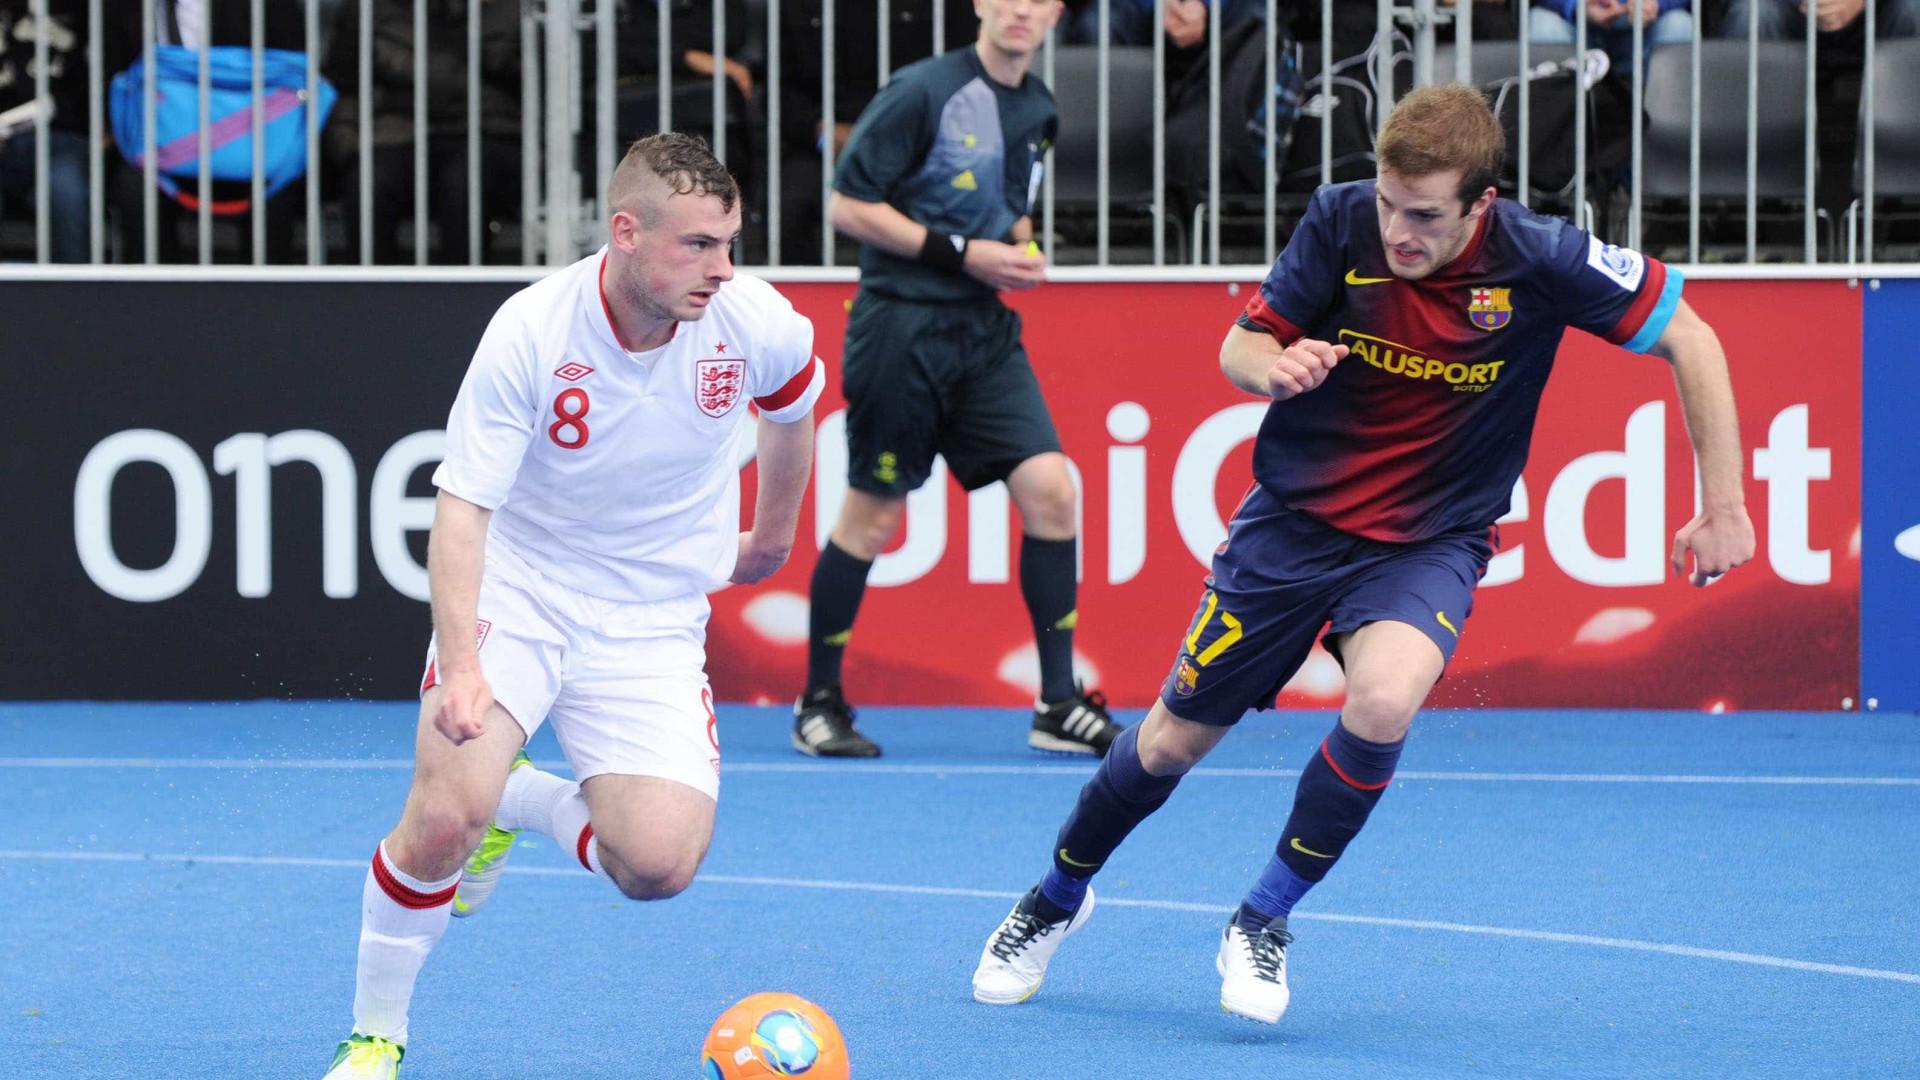 Fifa aprova cobrança de lateral com as mãos no futsal